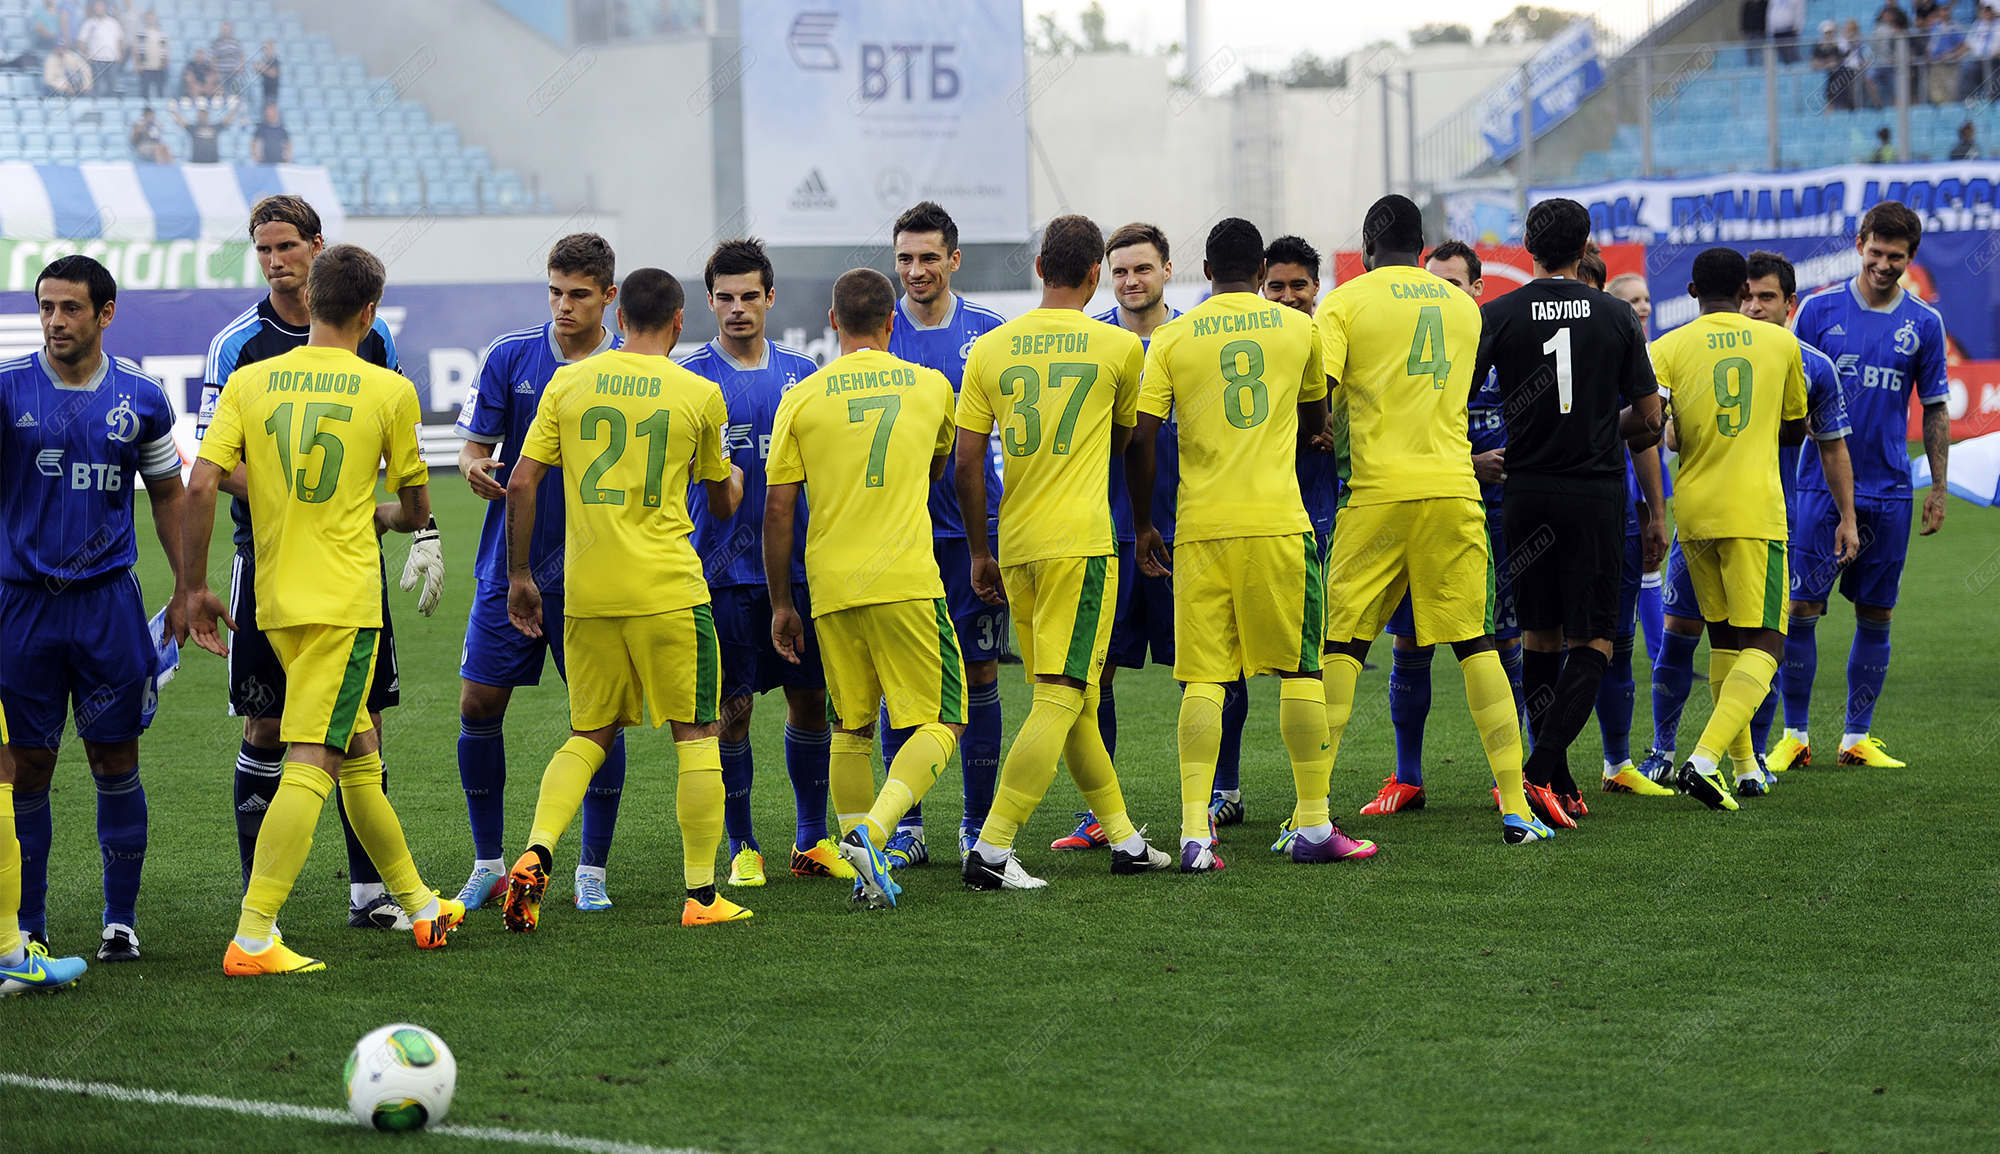 Габулов, Самба и Ионов представлены в качестве игроков «Динамо»